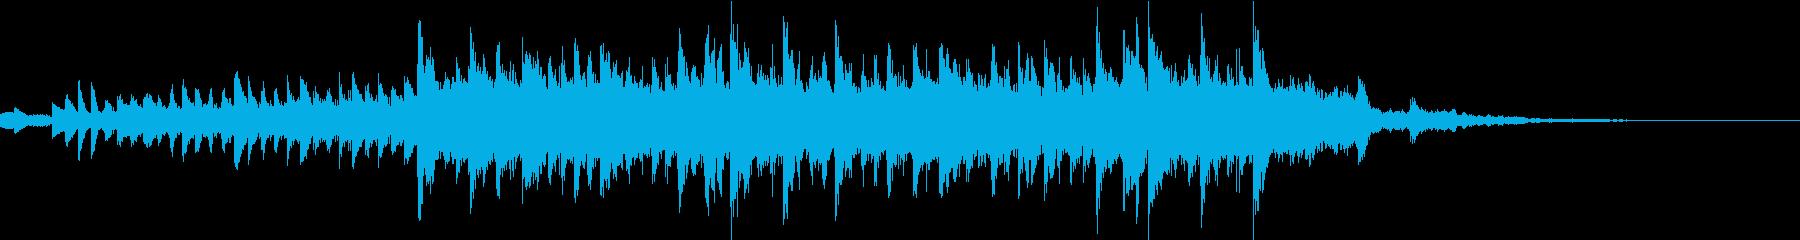 未来的なジングルの再生済みの波形